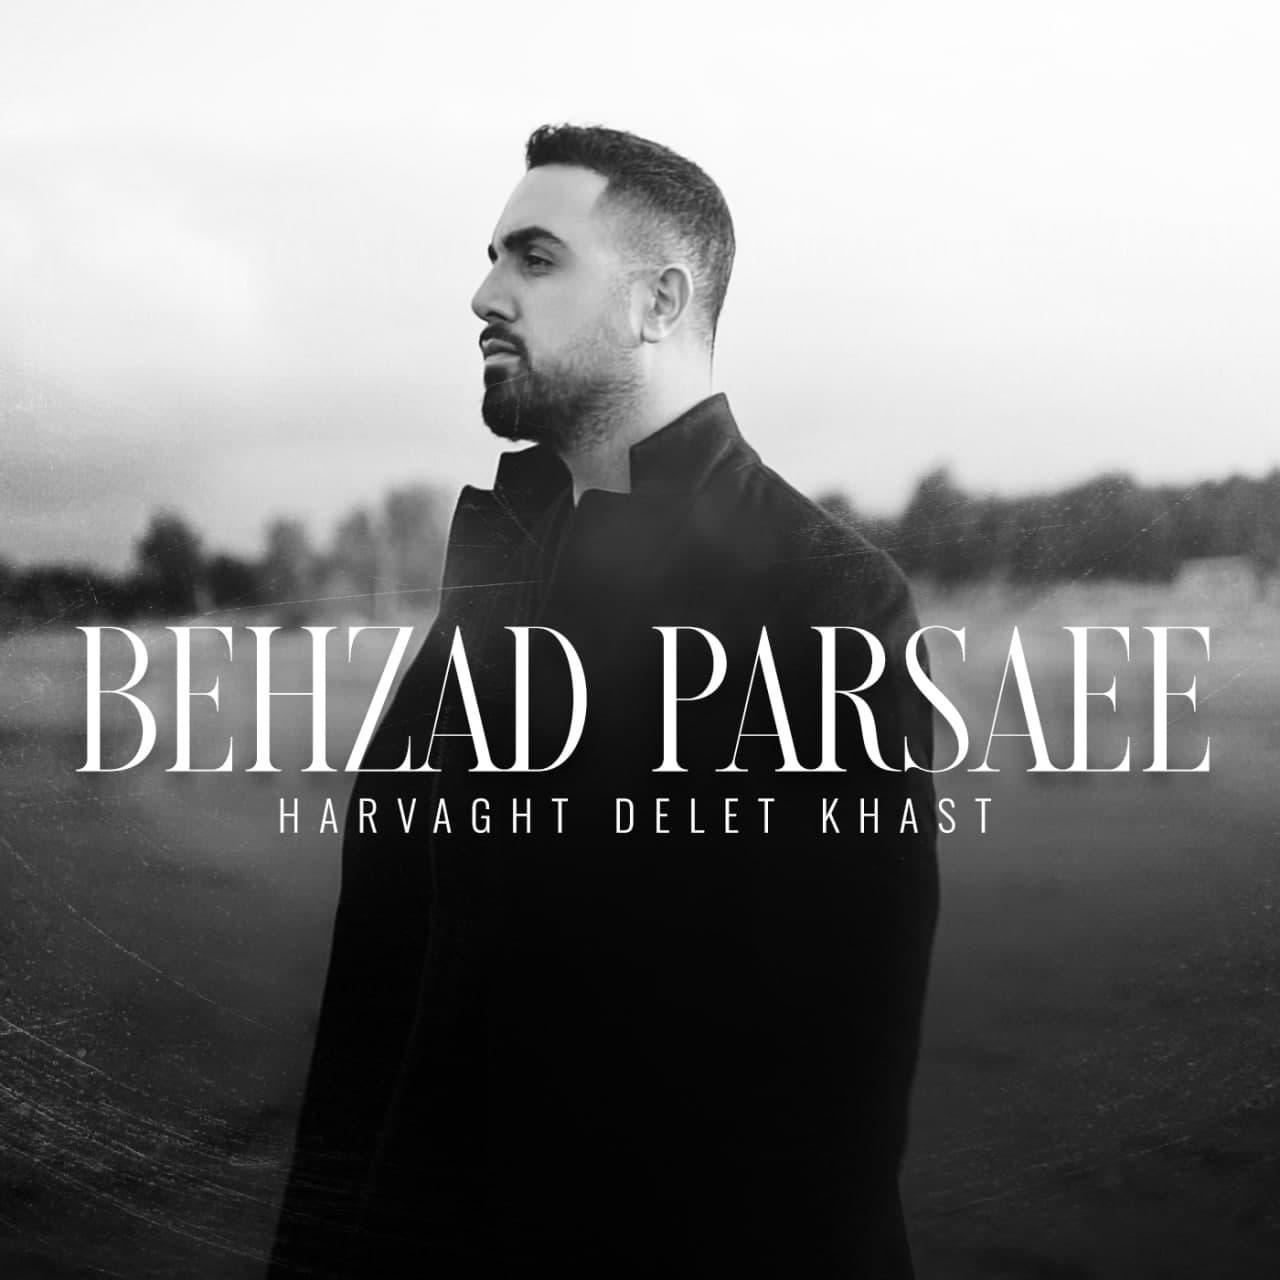 Behzad Parsaee – Harvaght Delet Khast